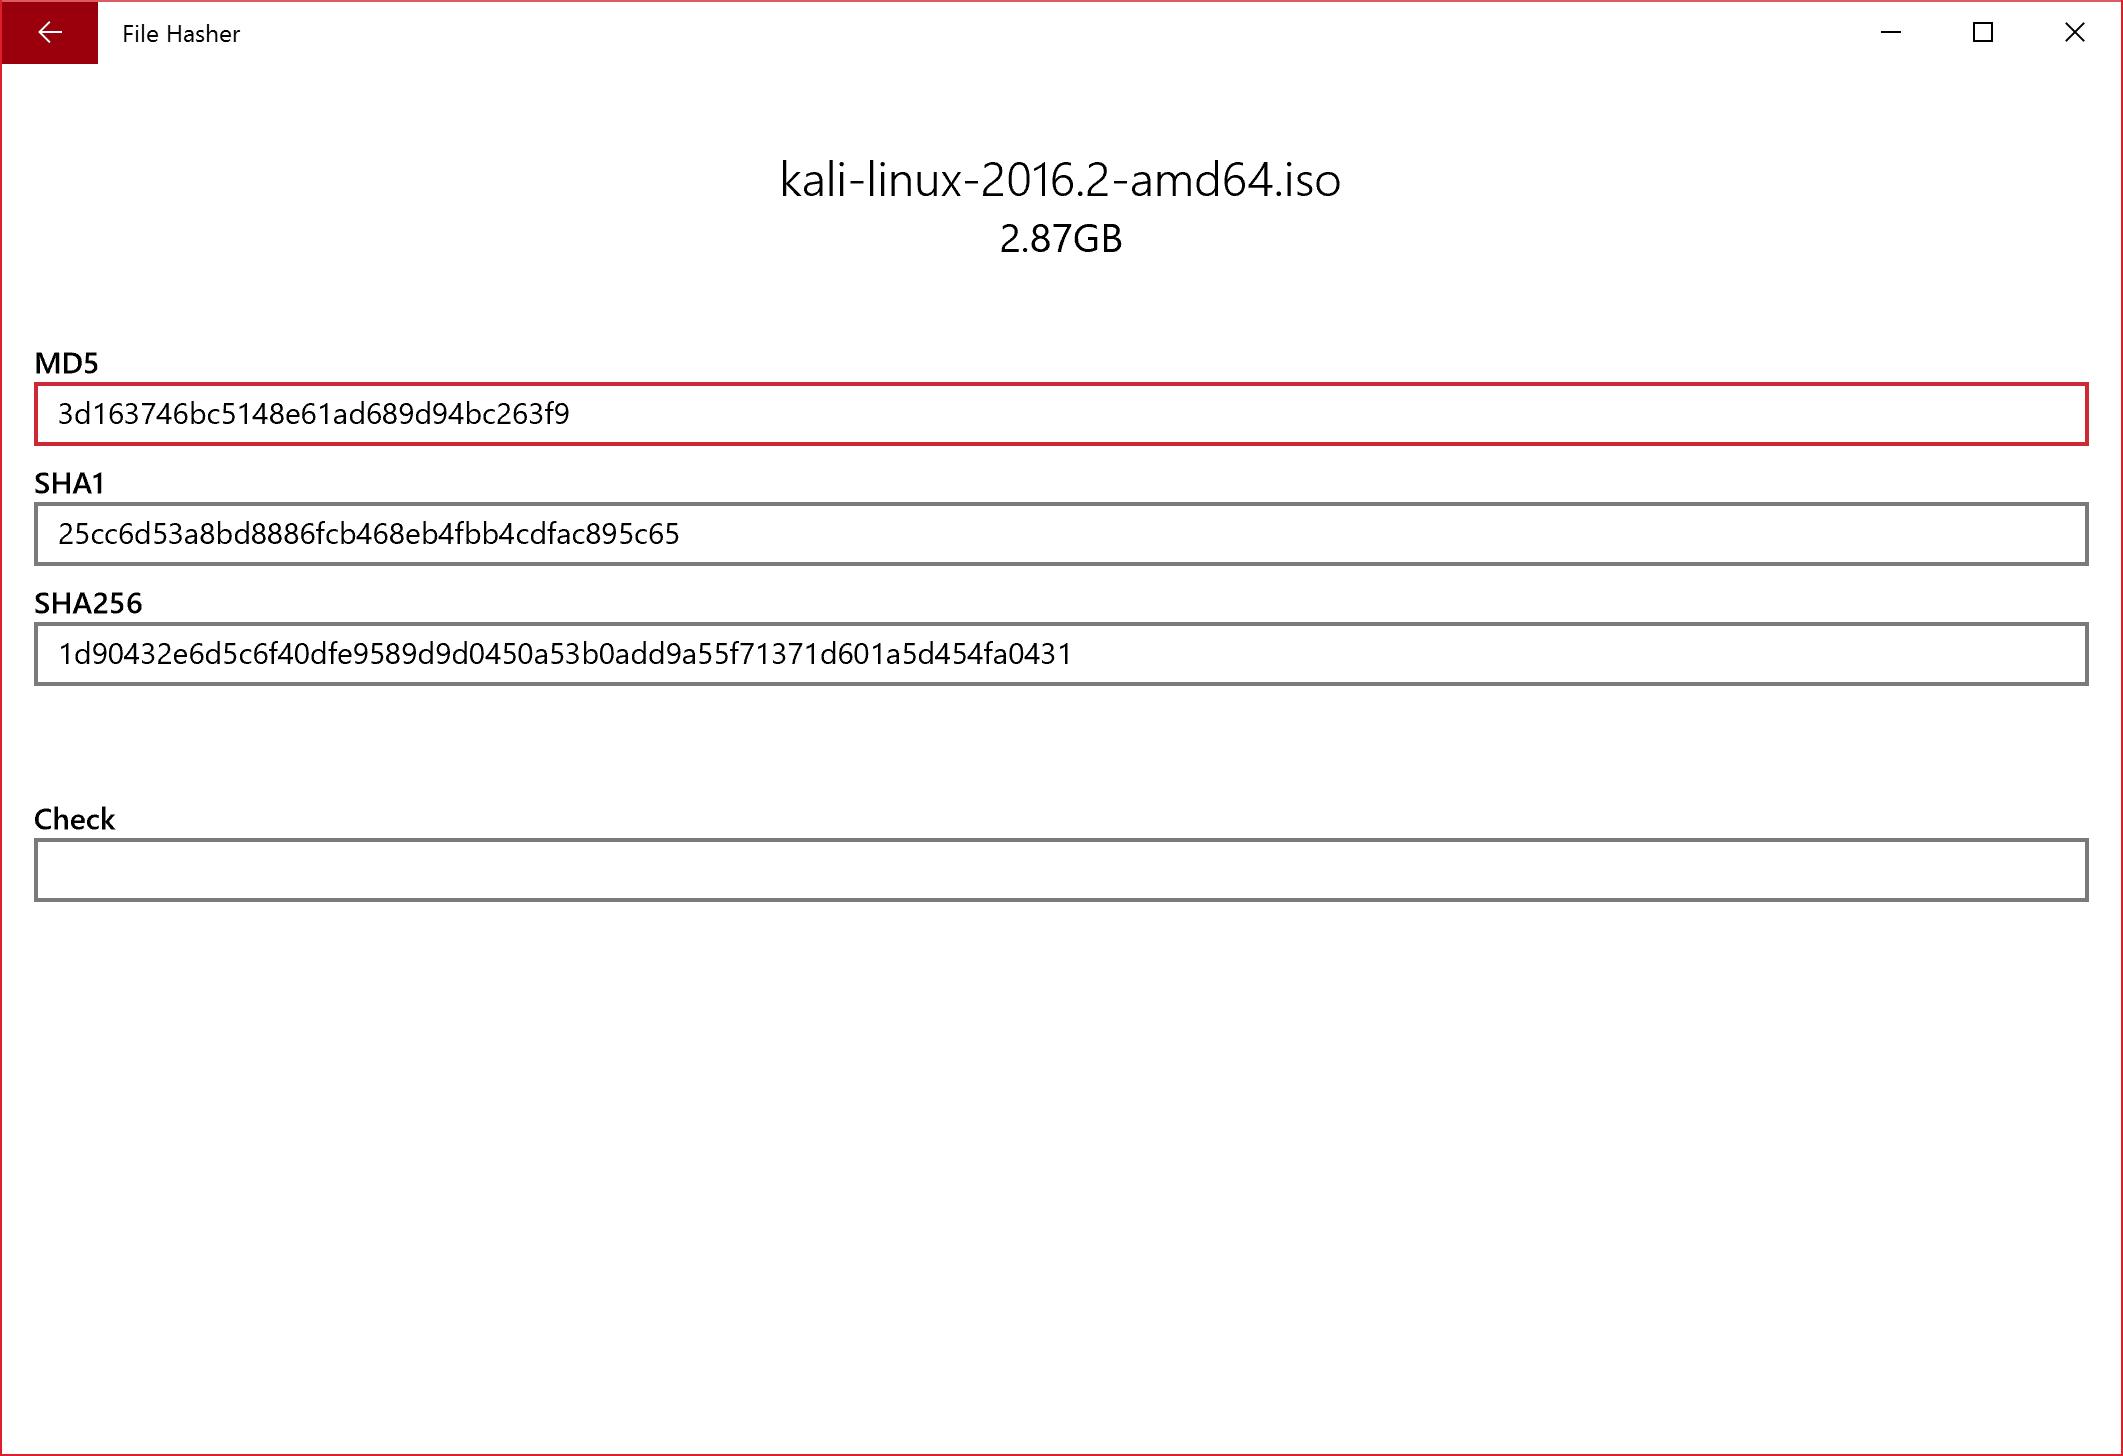 UWP] File Hasher, a file checksum calculator - Windows